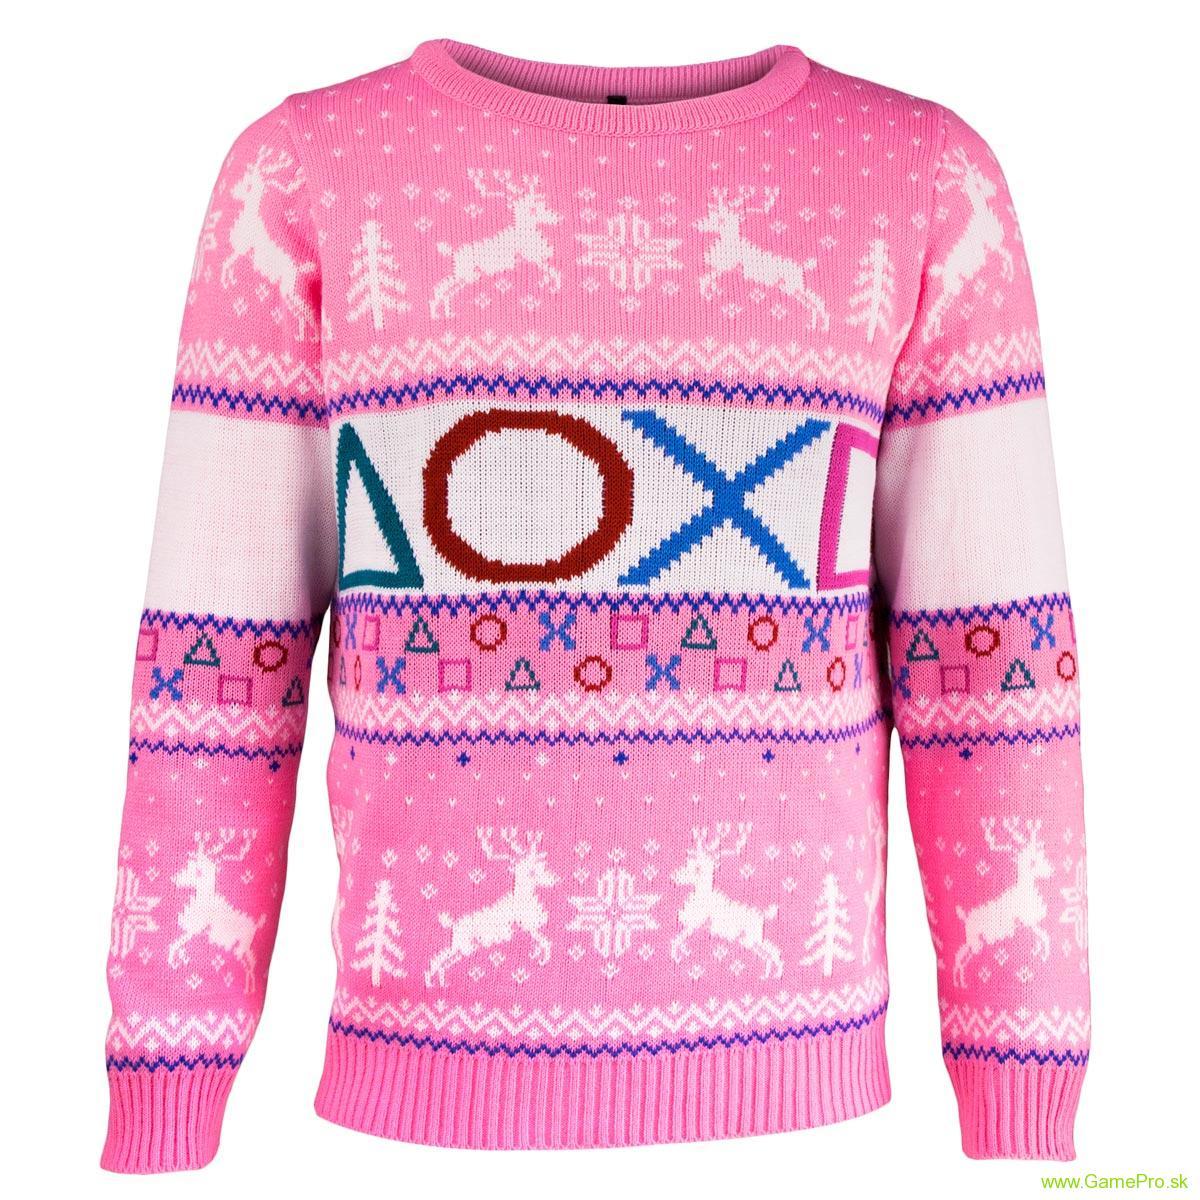 9881e3c5995c PlayStation vianočný sveter - ružový